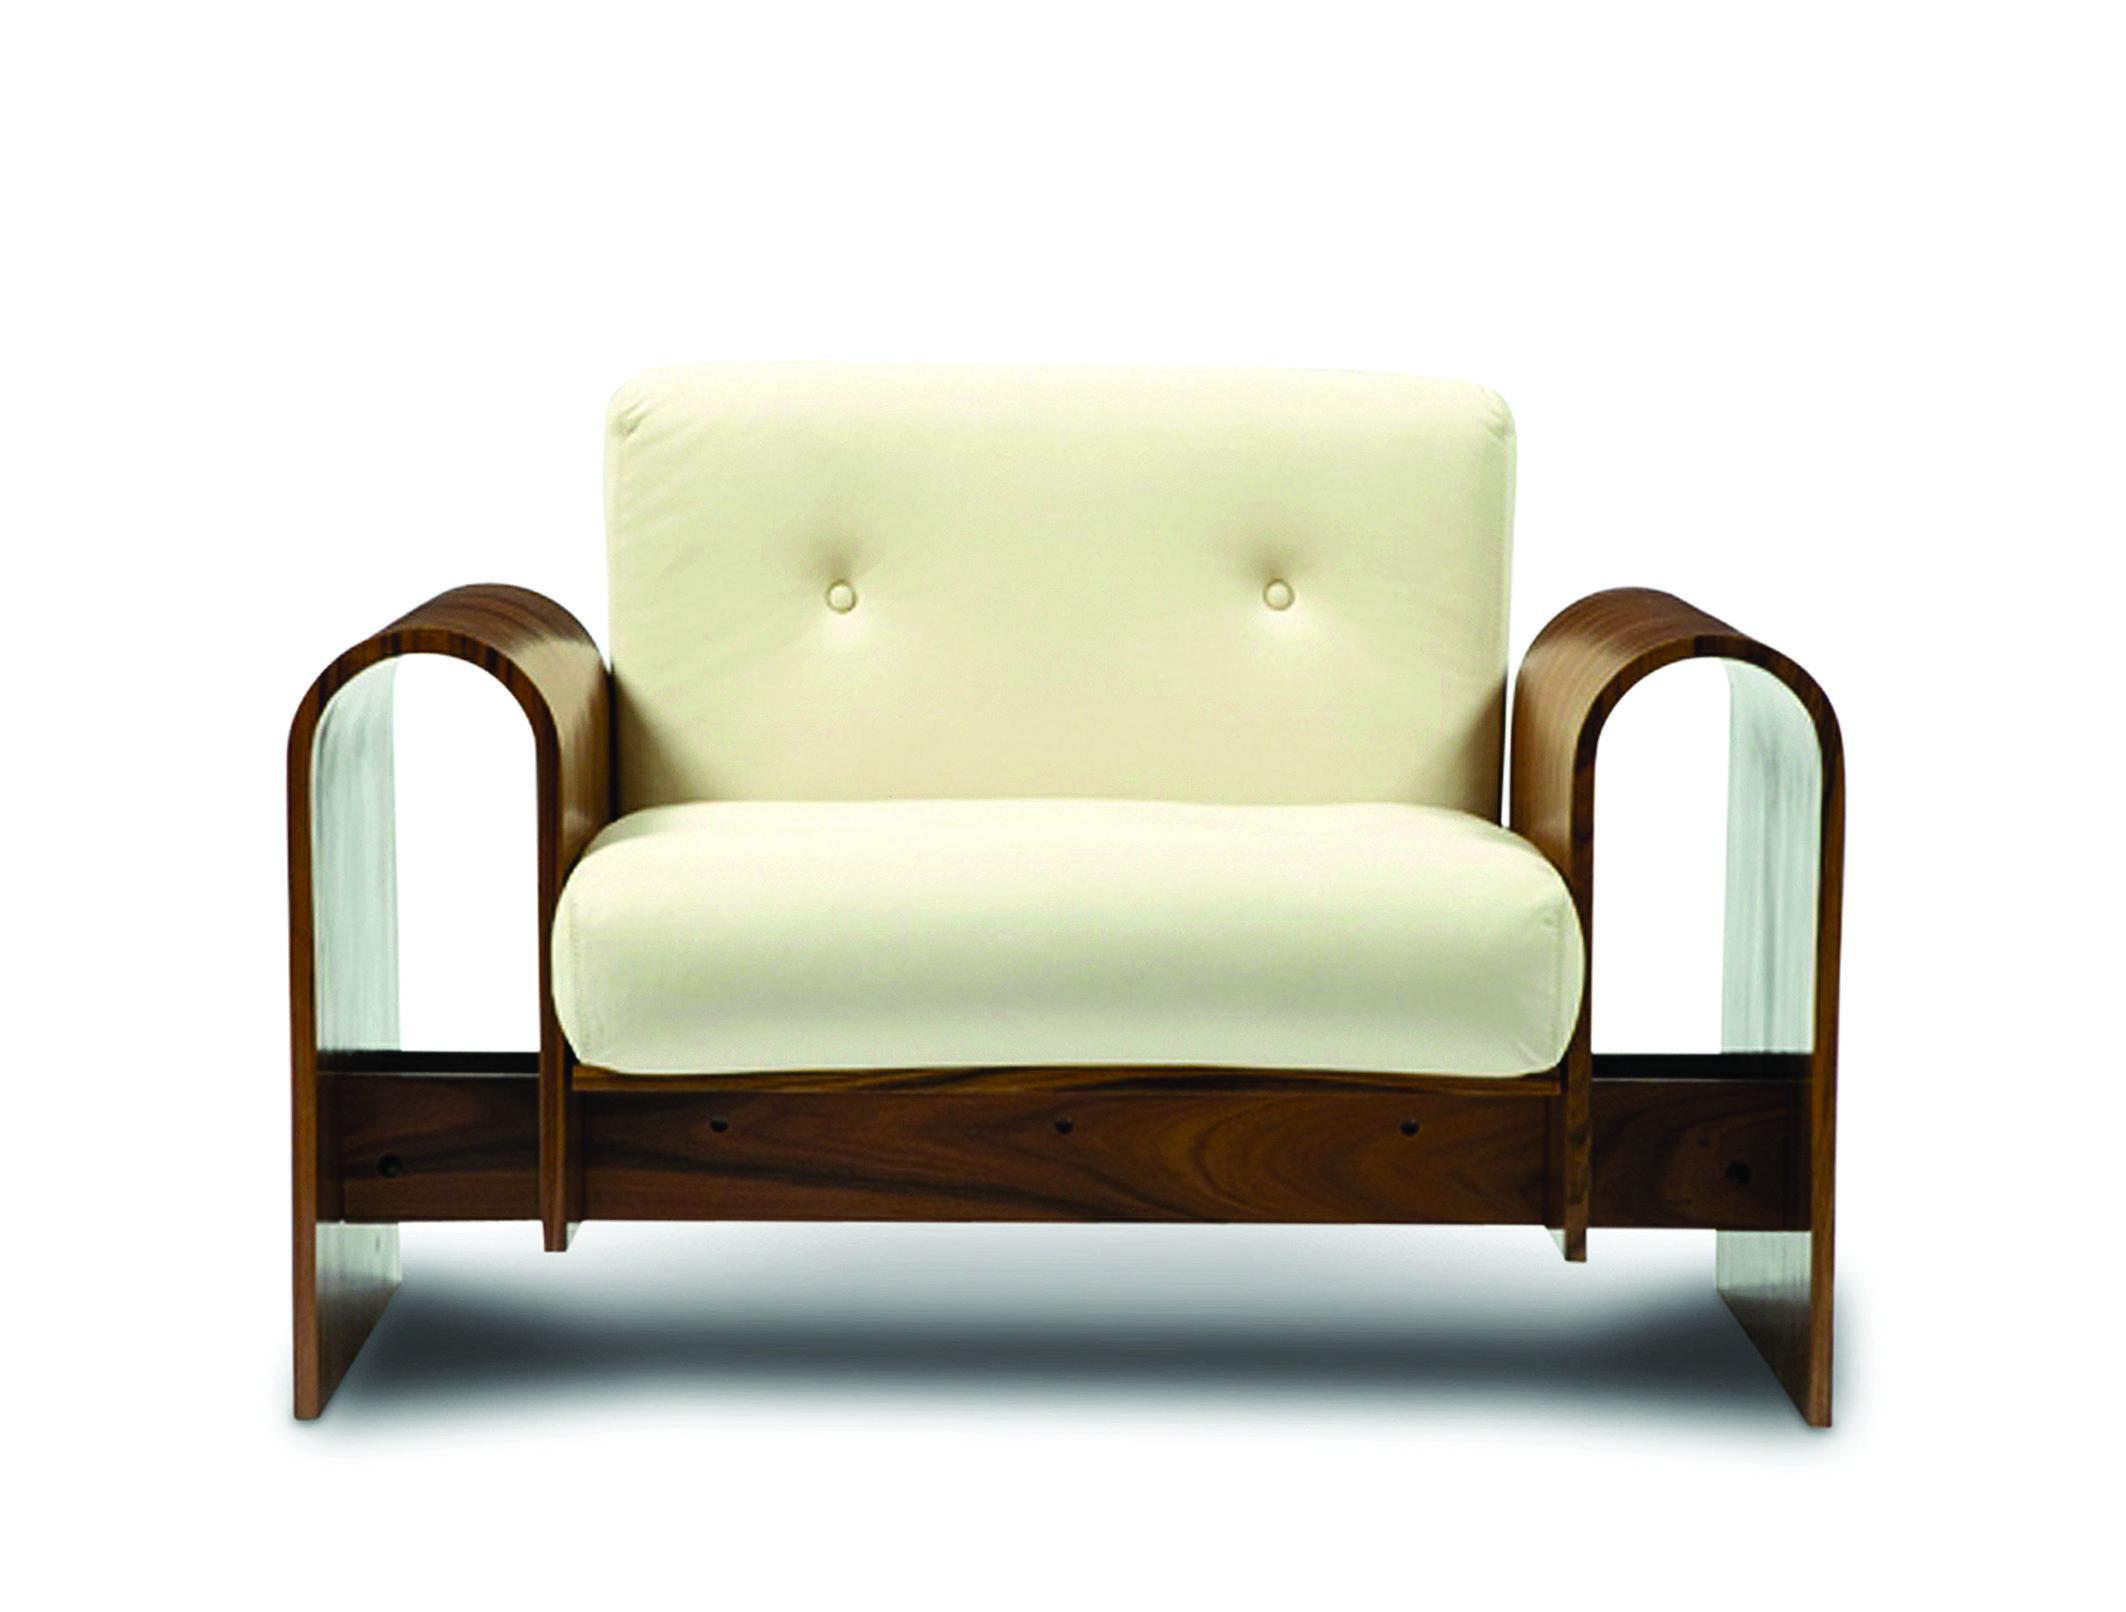 Em madeira laminada, a Poltrona On leva estofado em couro natural e tem como característica um importante traço mantido pelo arquiteto: as curvas | Divulgação